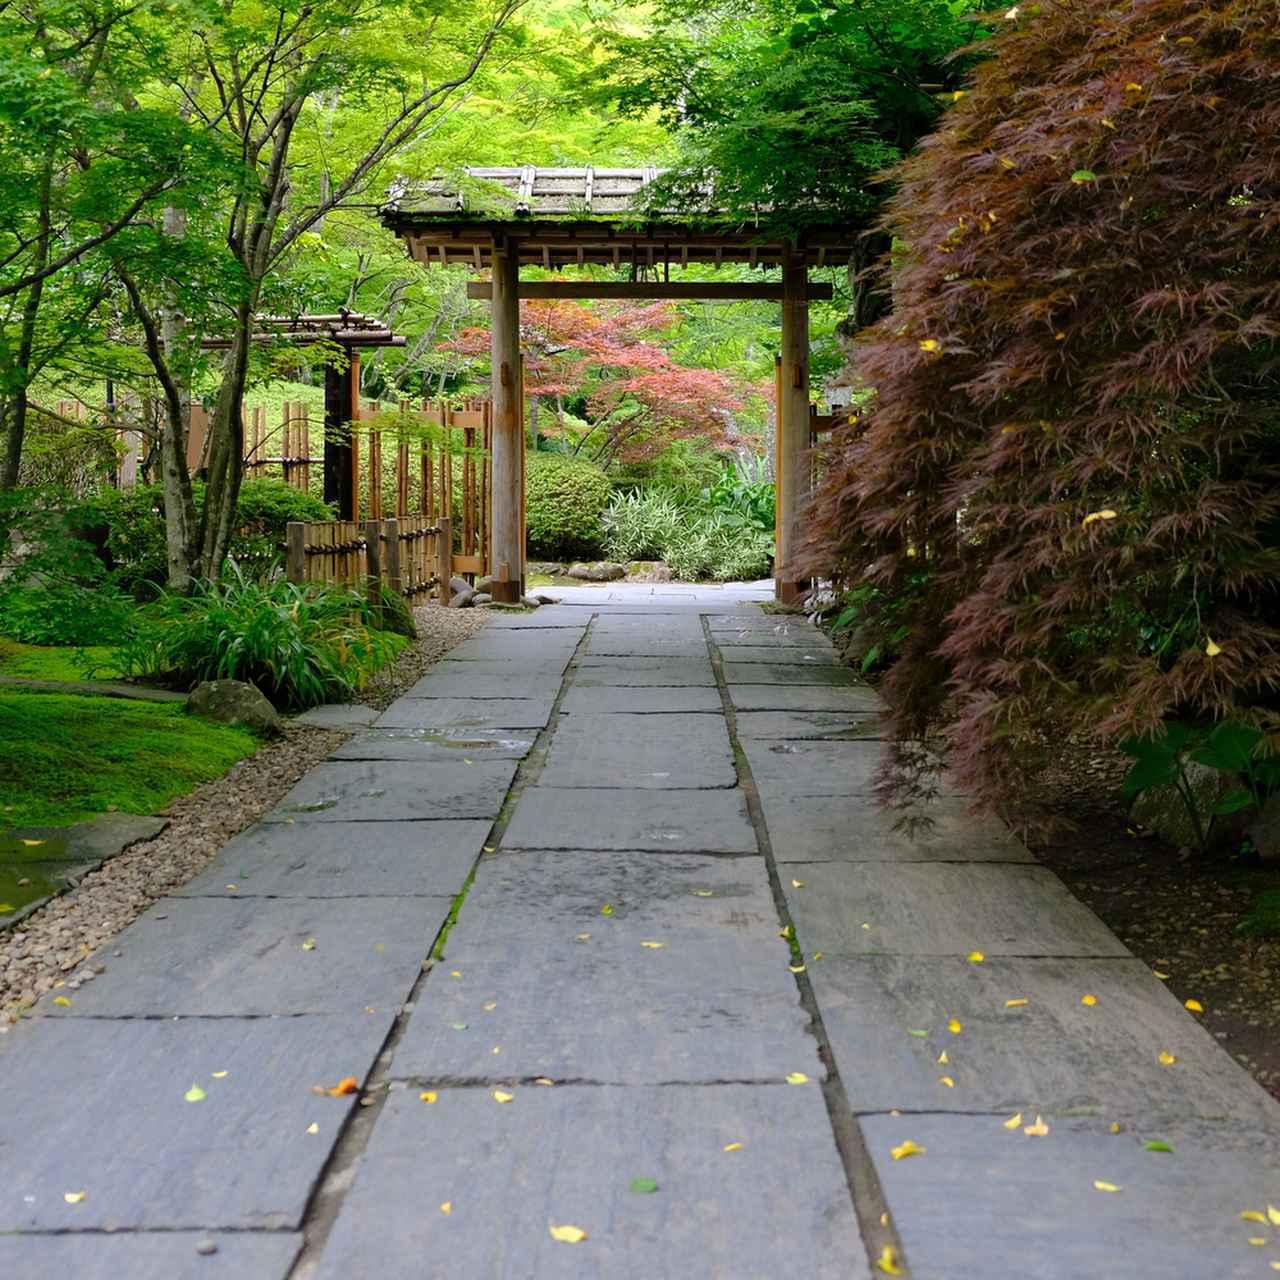 画像: 山門をくぐり入ったところからもう素敵。この庭は遠州流であるということで、入る前から楽しみ。小堀遠州は全国に庭を残している当時の超人気庭師。本当に引っ張りだこだったんですね。